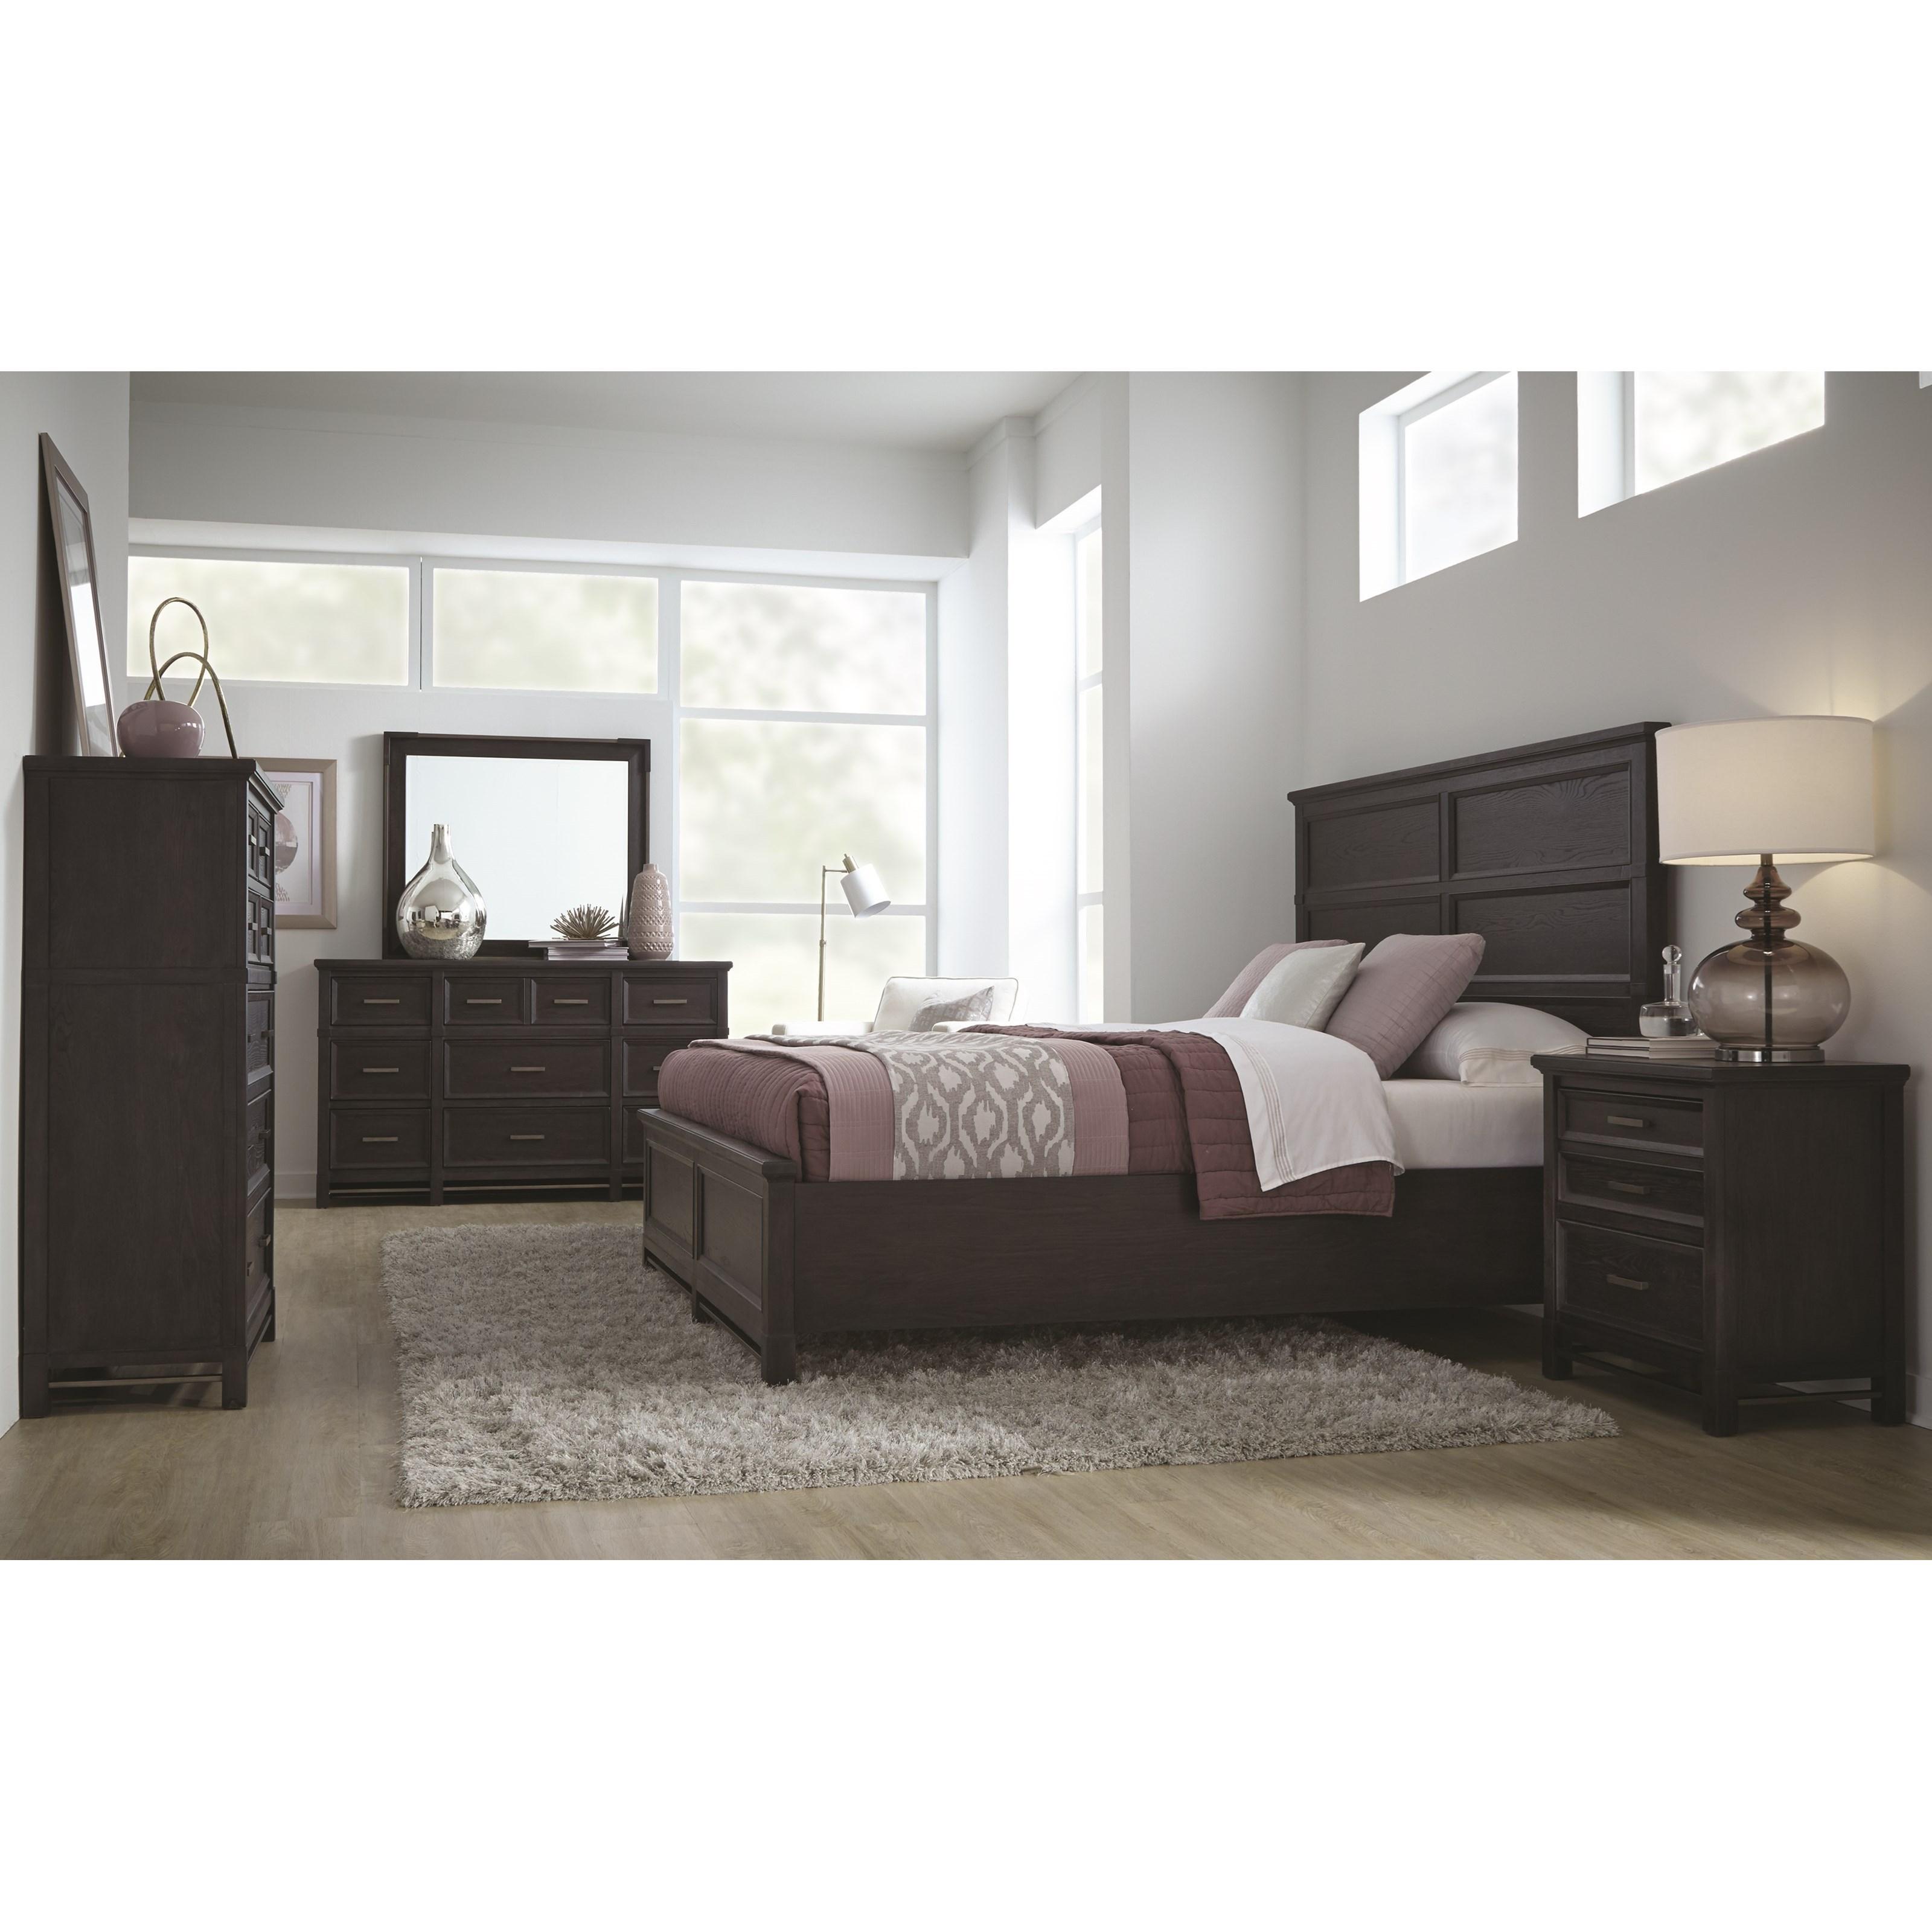 Magnussen Home Grafton AvenueQueen Bedroom Group